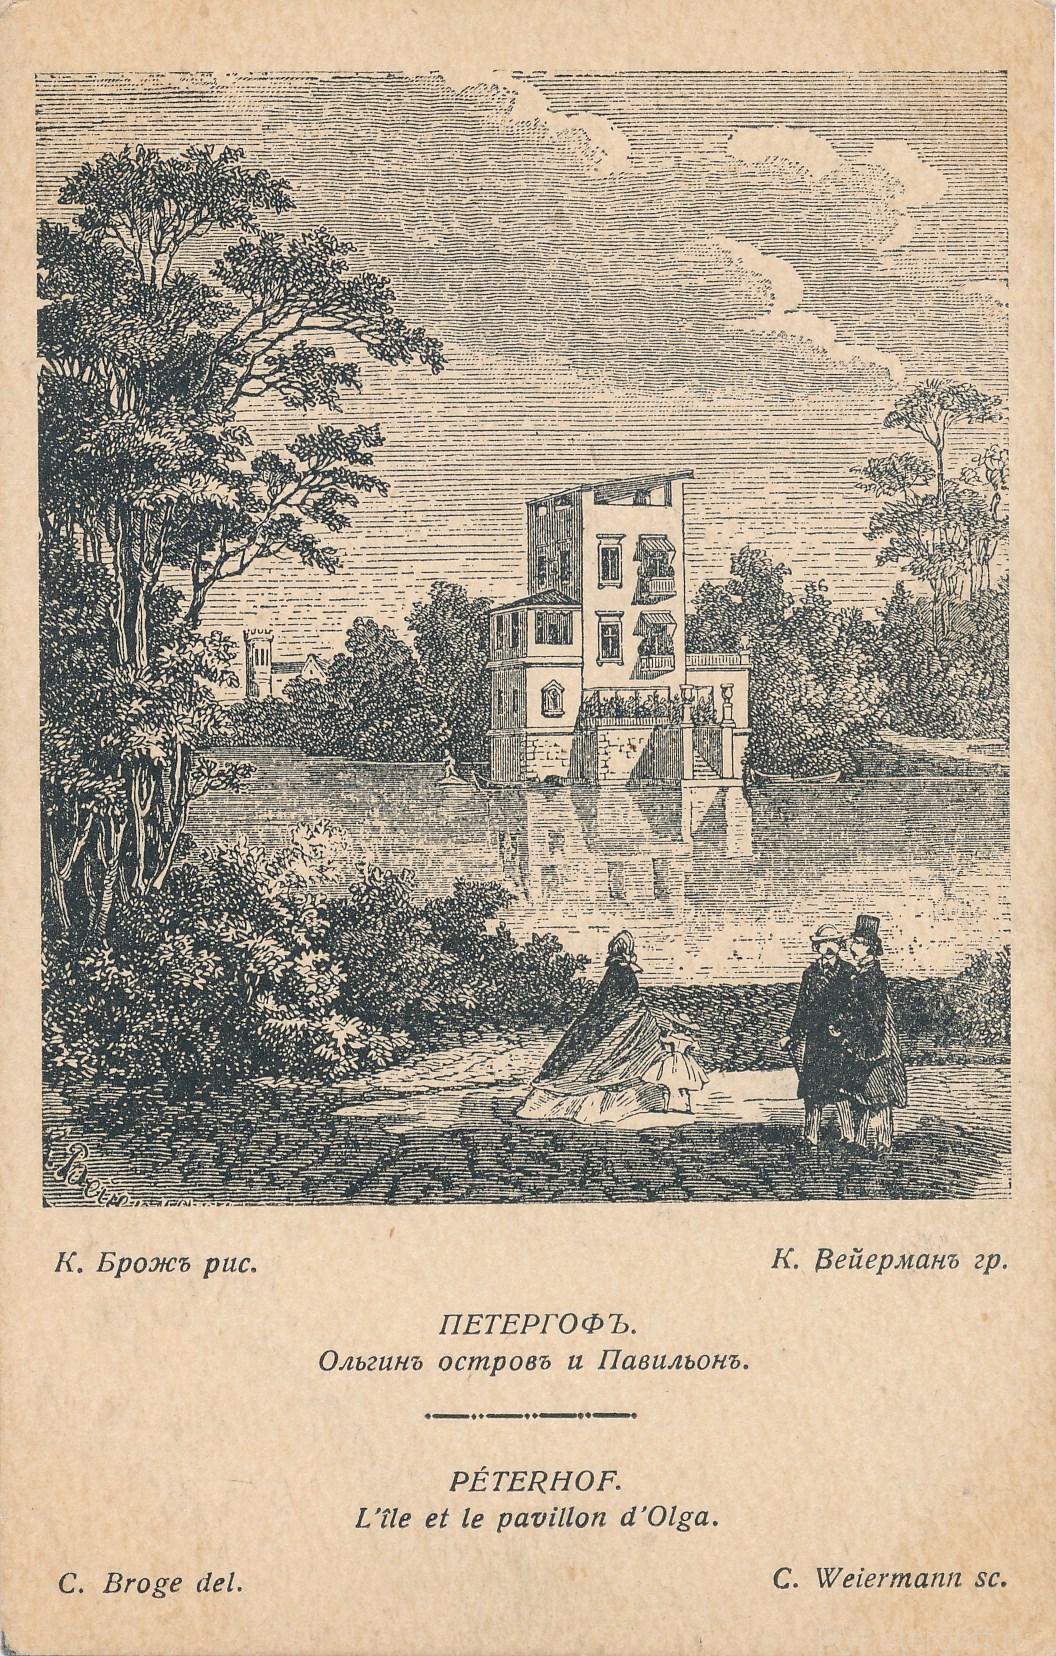 Ольгин остров и павильон